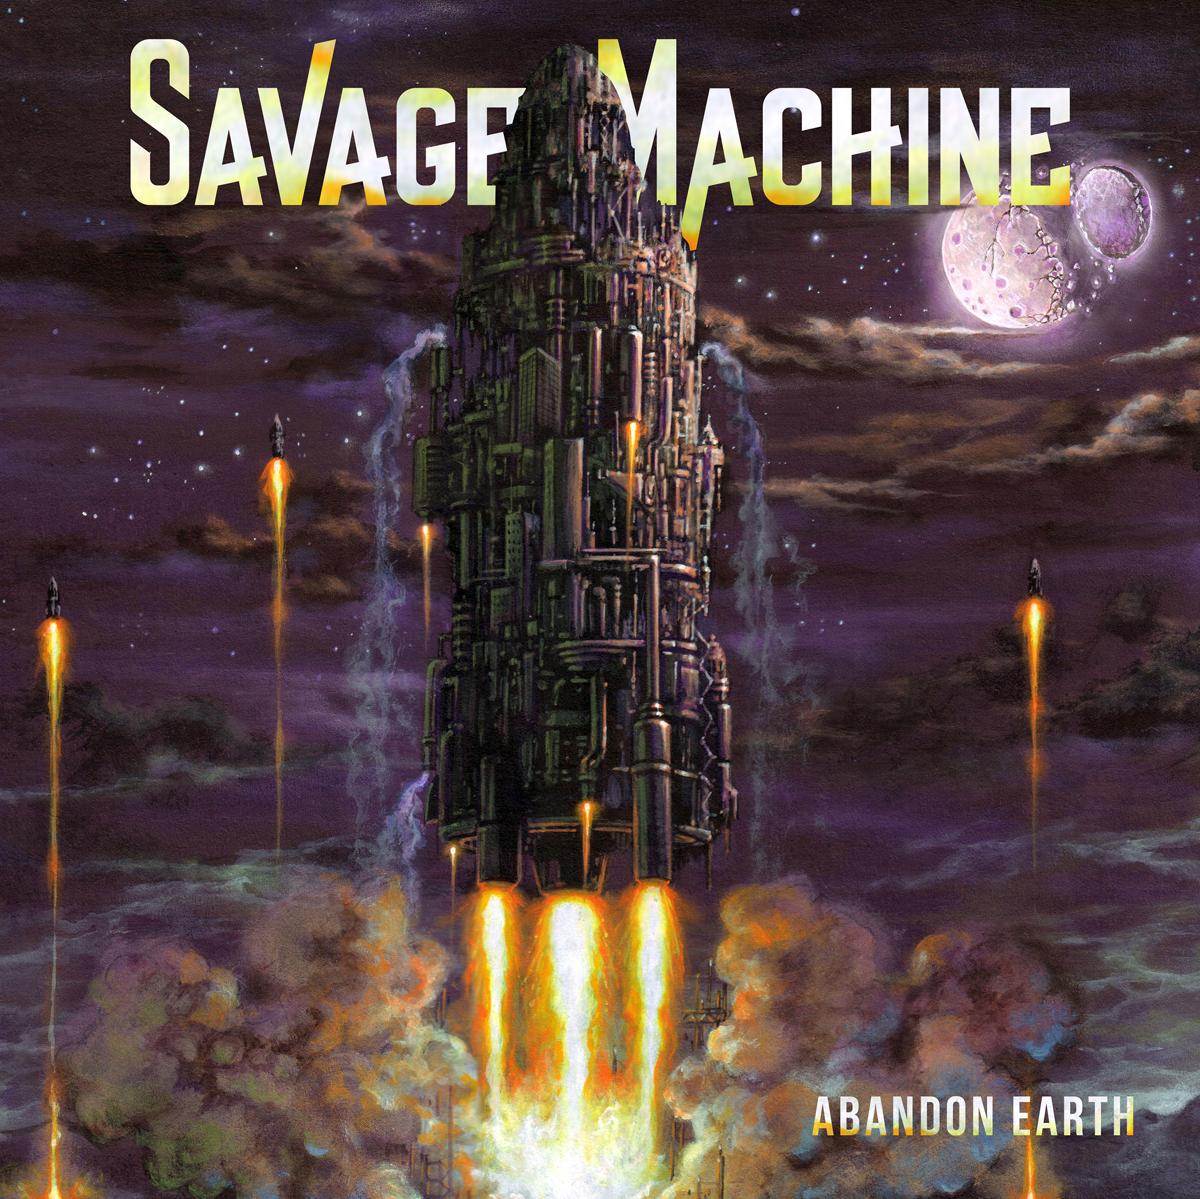 Savage Machine – Abandon Earth